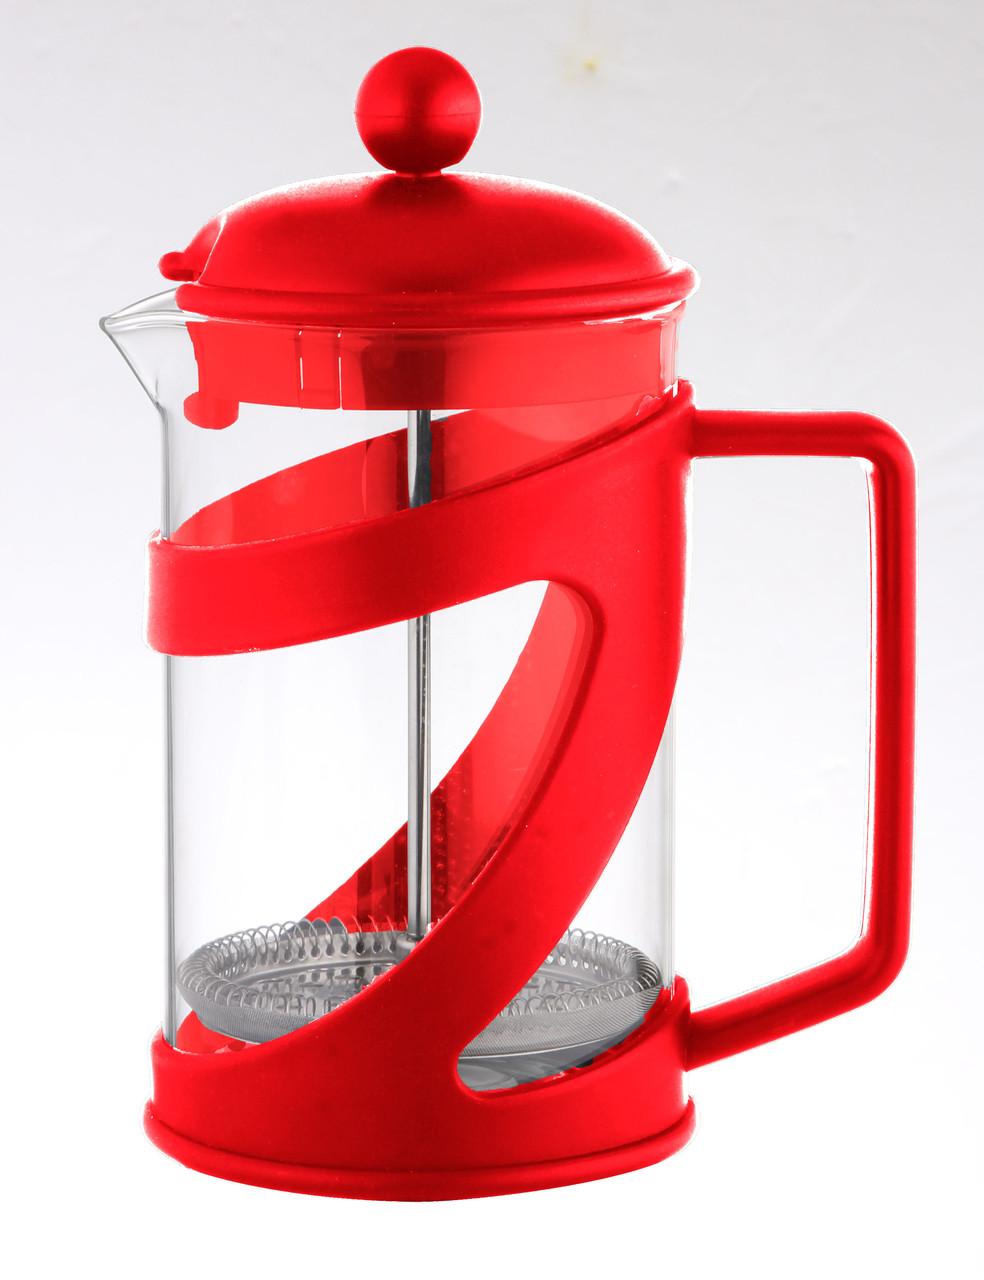 Заварник (Френч-пресс) Con Brio CB-5460 (600мл) Красный